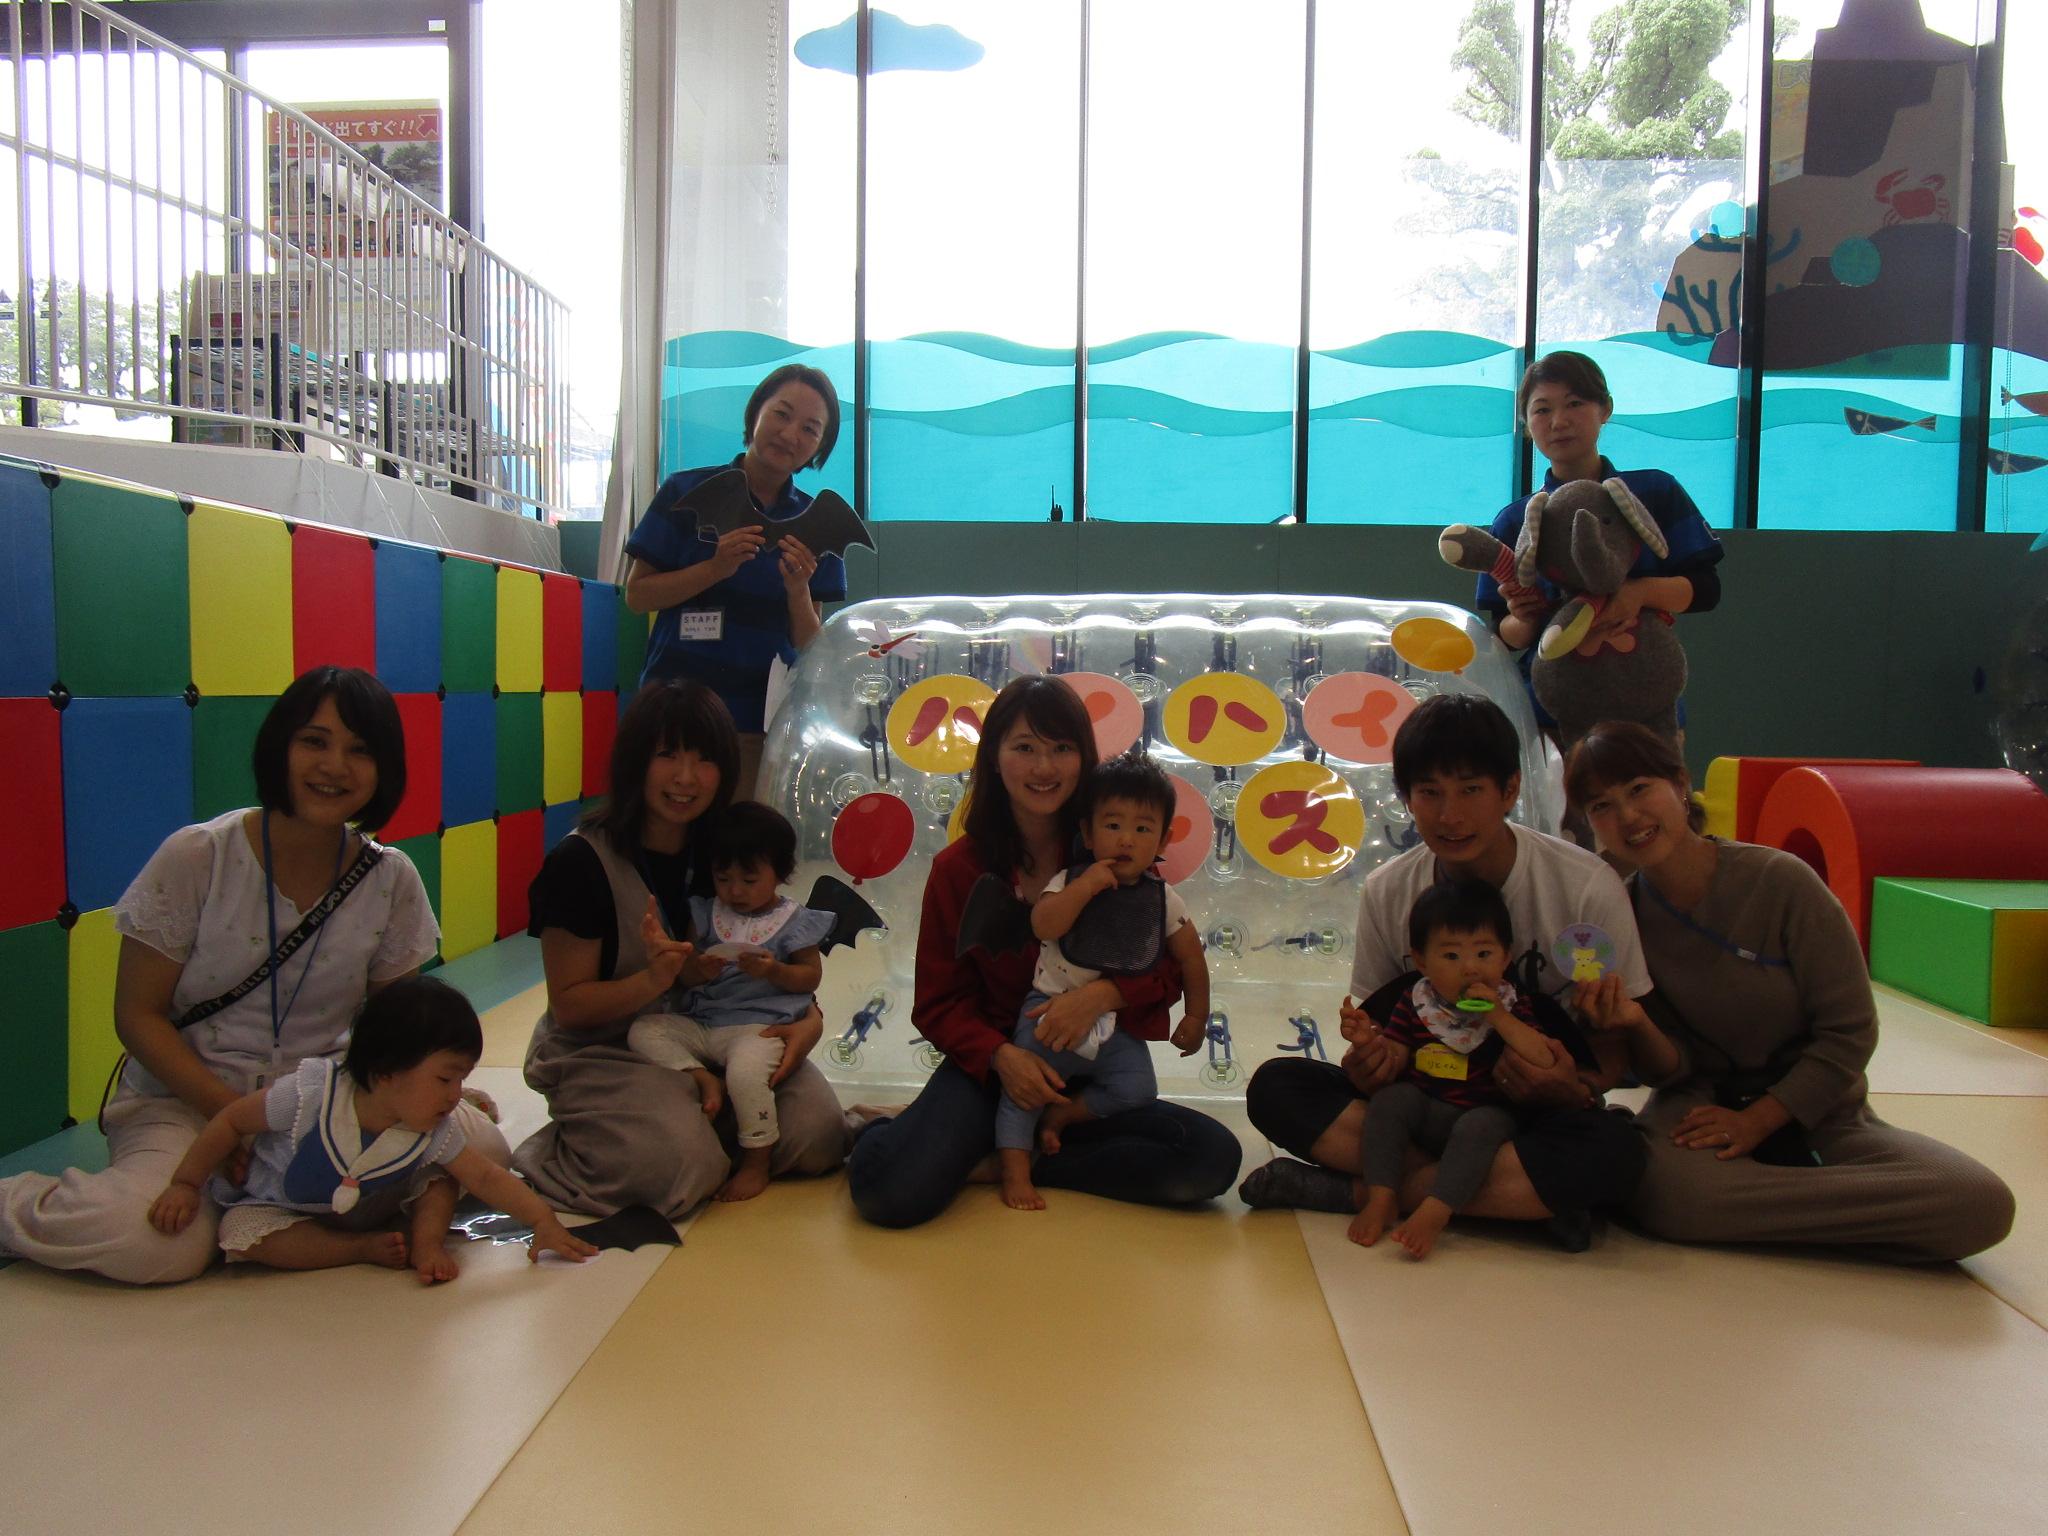 赤ちゃんイベント『ハイハイレース』/『楽器で演奏会♪』